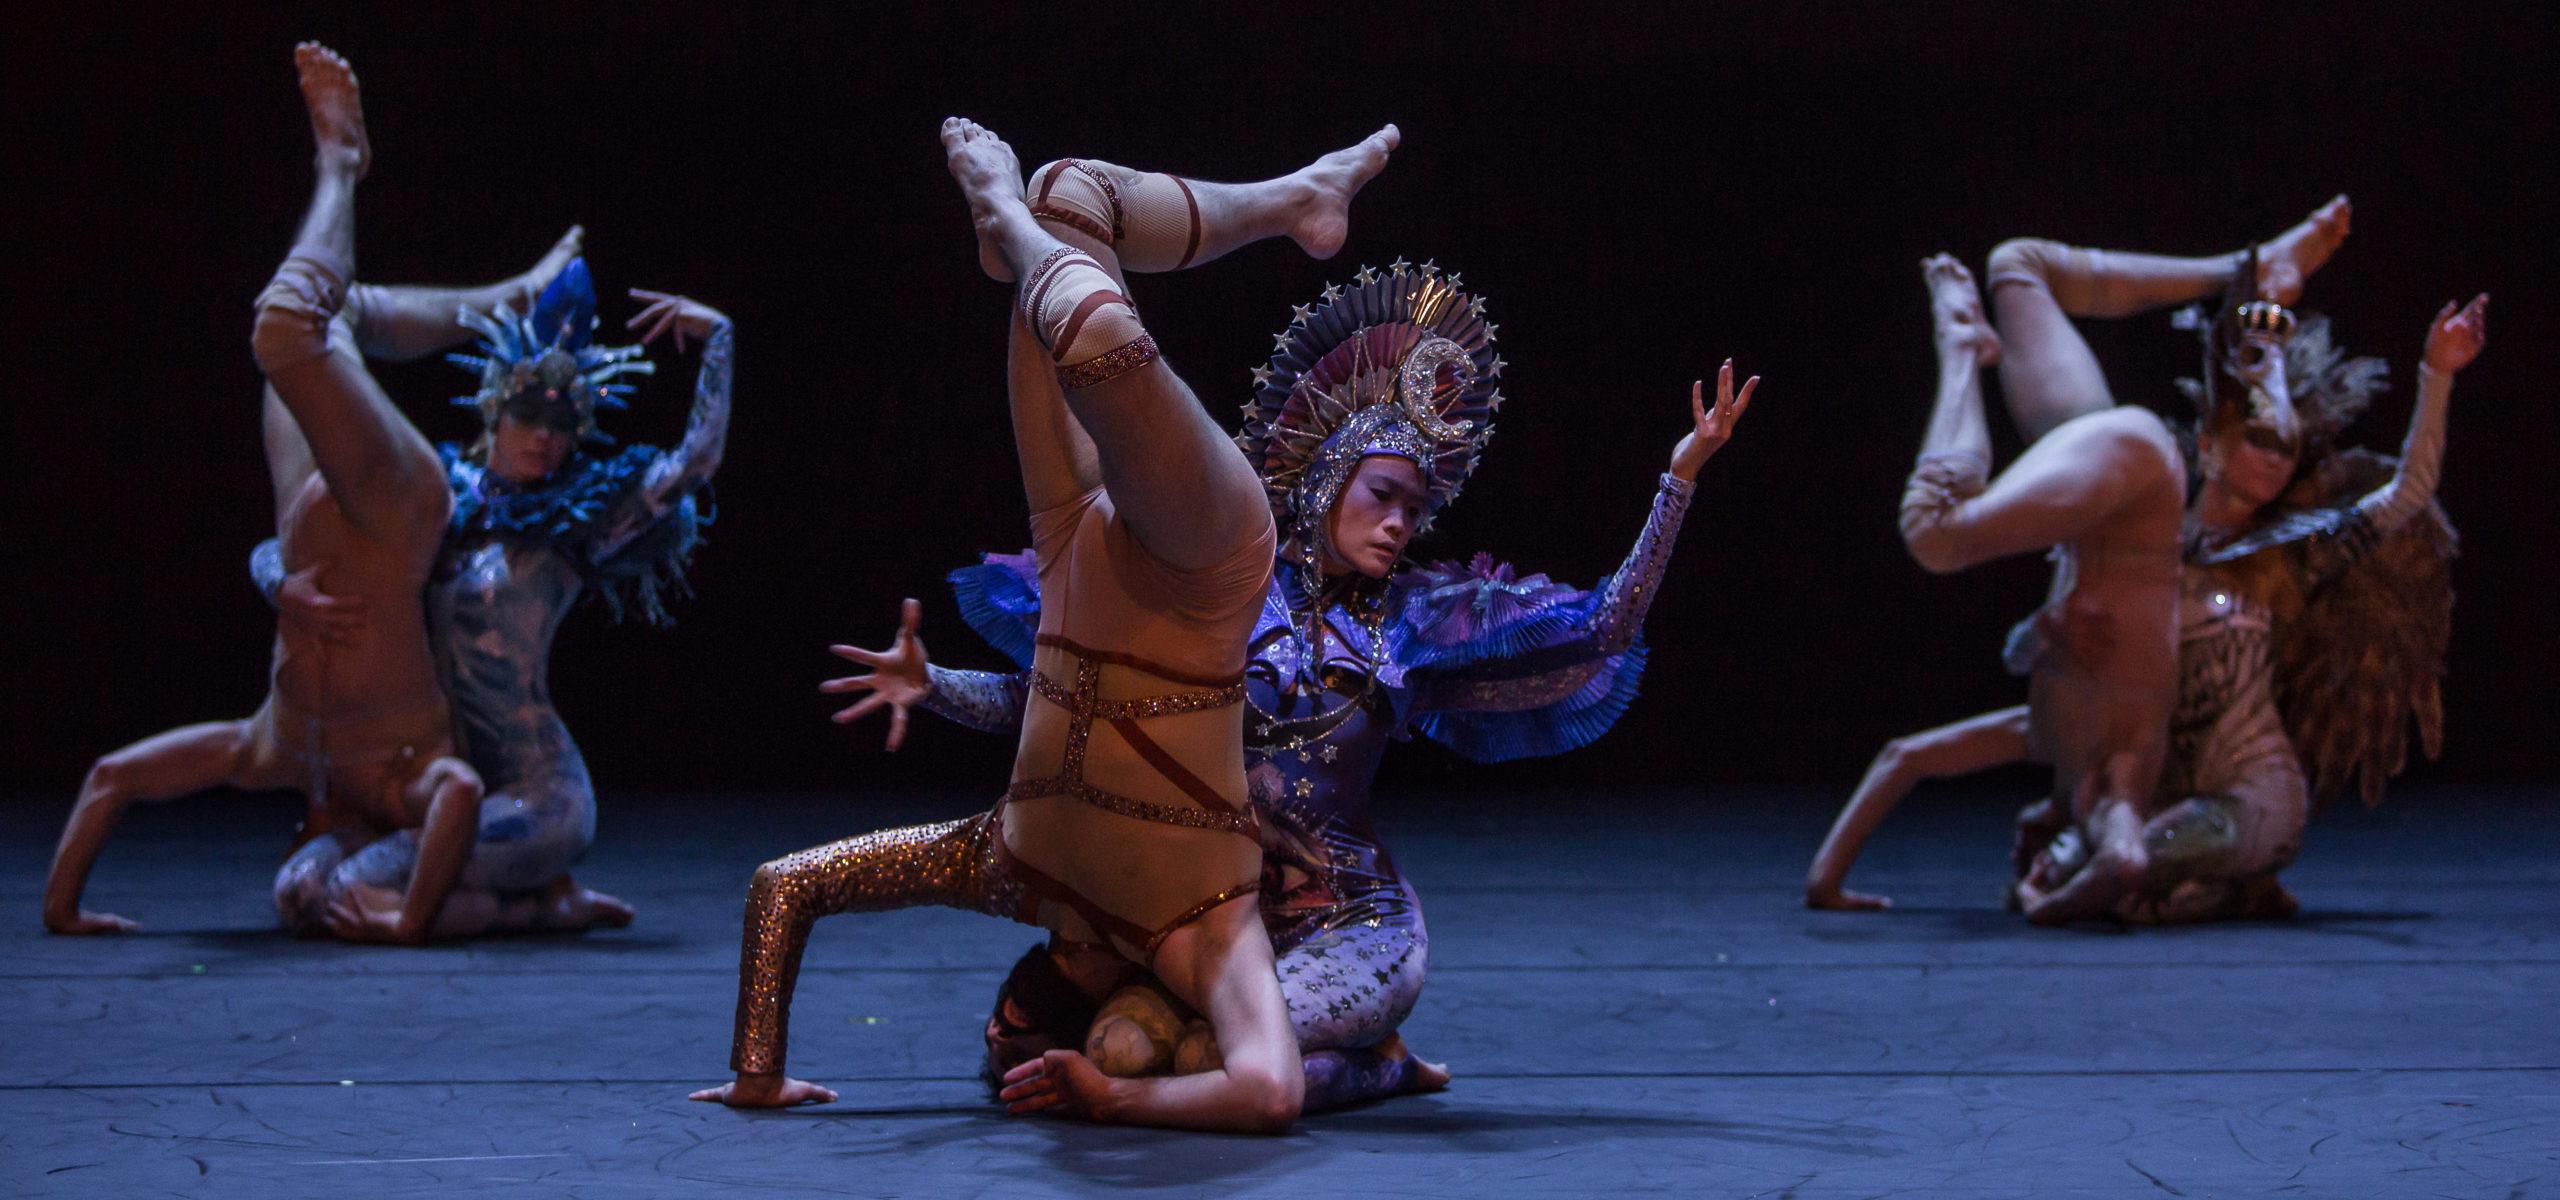 Ballet du Grand Théâtre de Genève_(c)Gregory Batardon